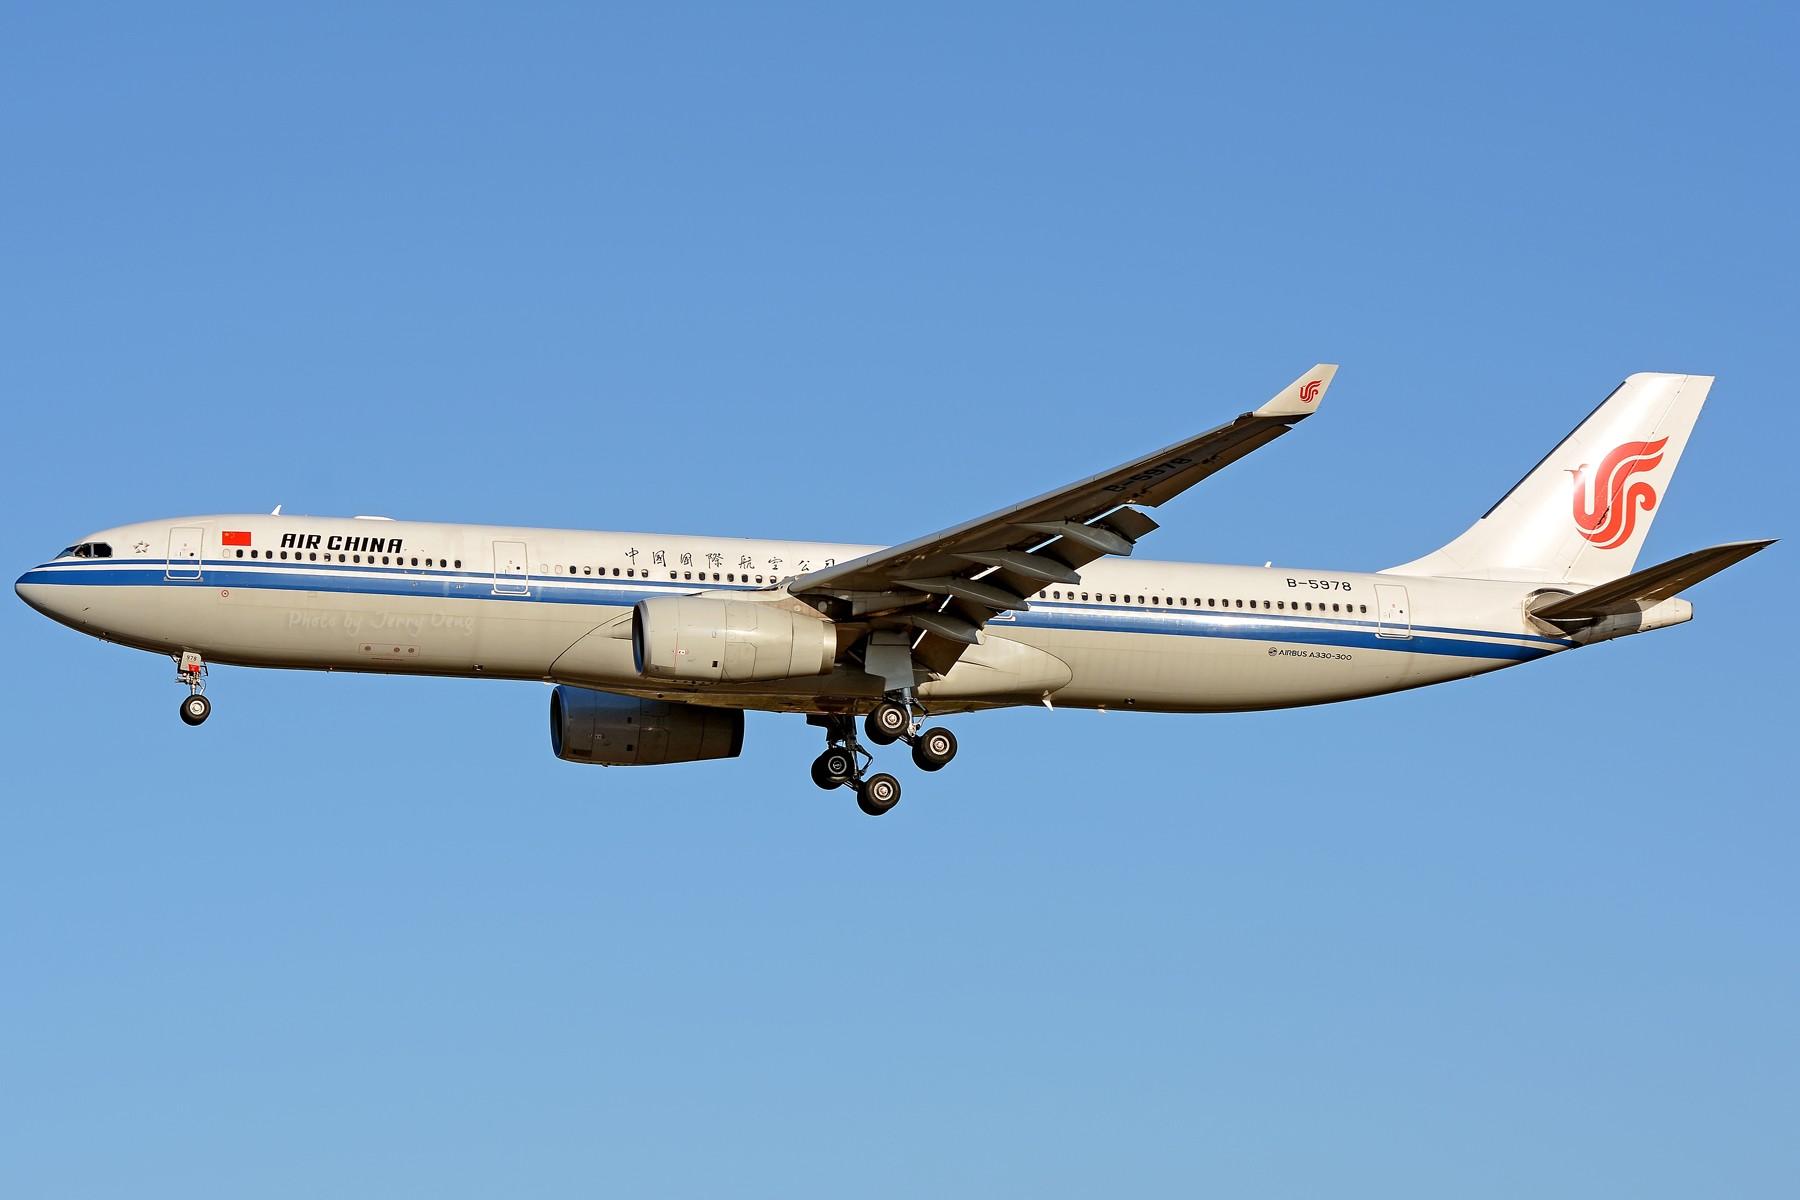 Re:[原创]【多图党】PEK落地一组国航系【2】 AIRBUS A330-300 B-5978 中国北京首都国际机场